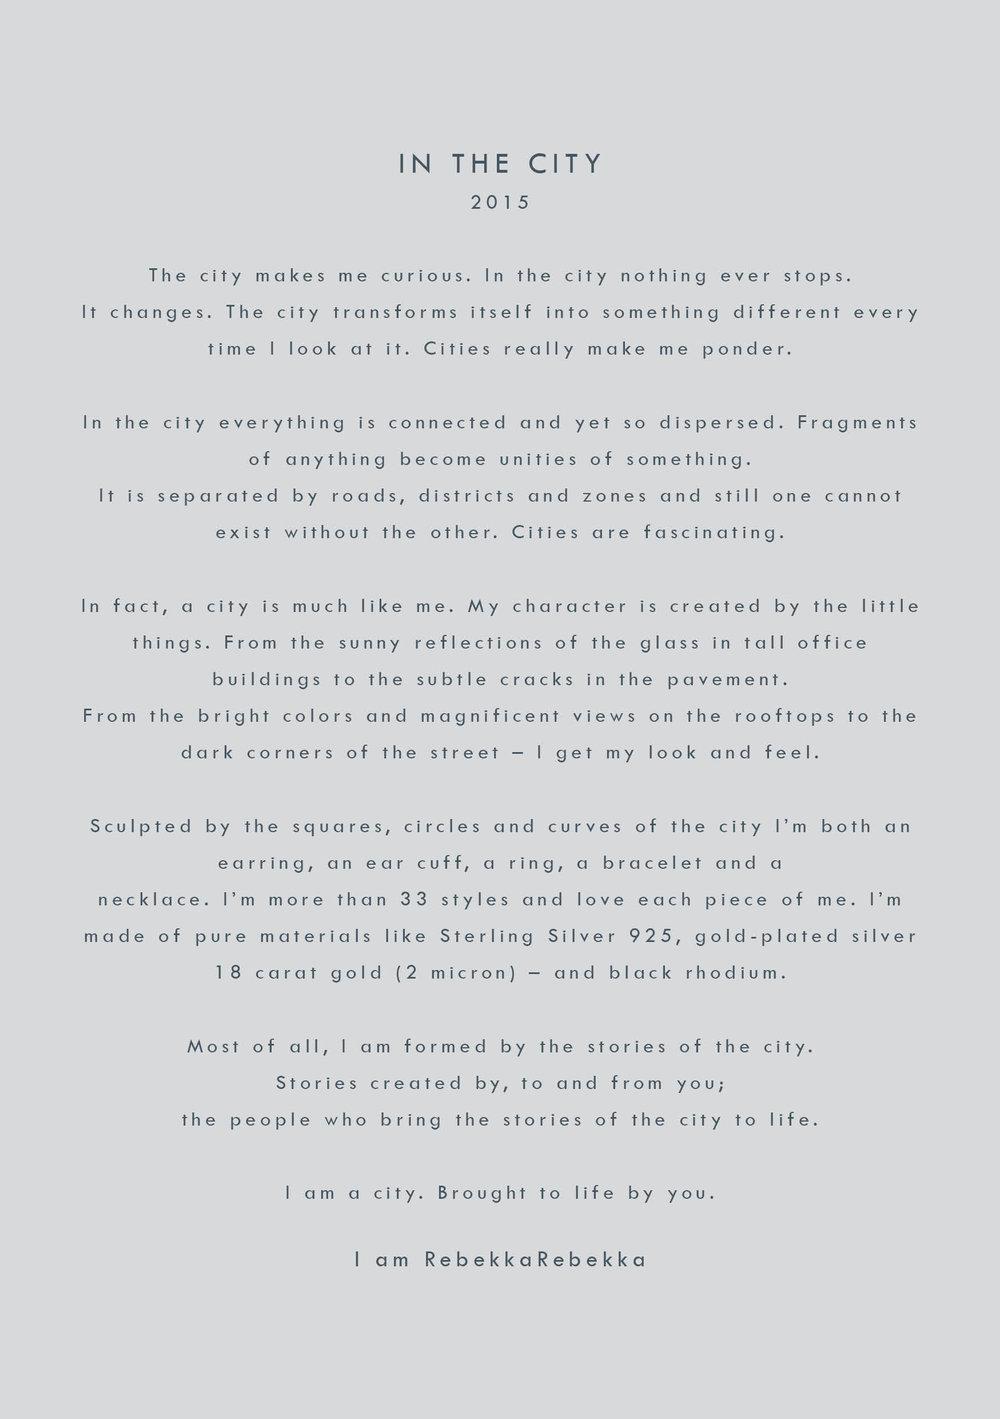 rebekkarebekka_lookbook In the city 2015 - elookbook - Enkeltsidet til print3.jpg